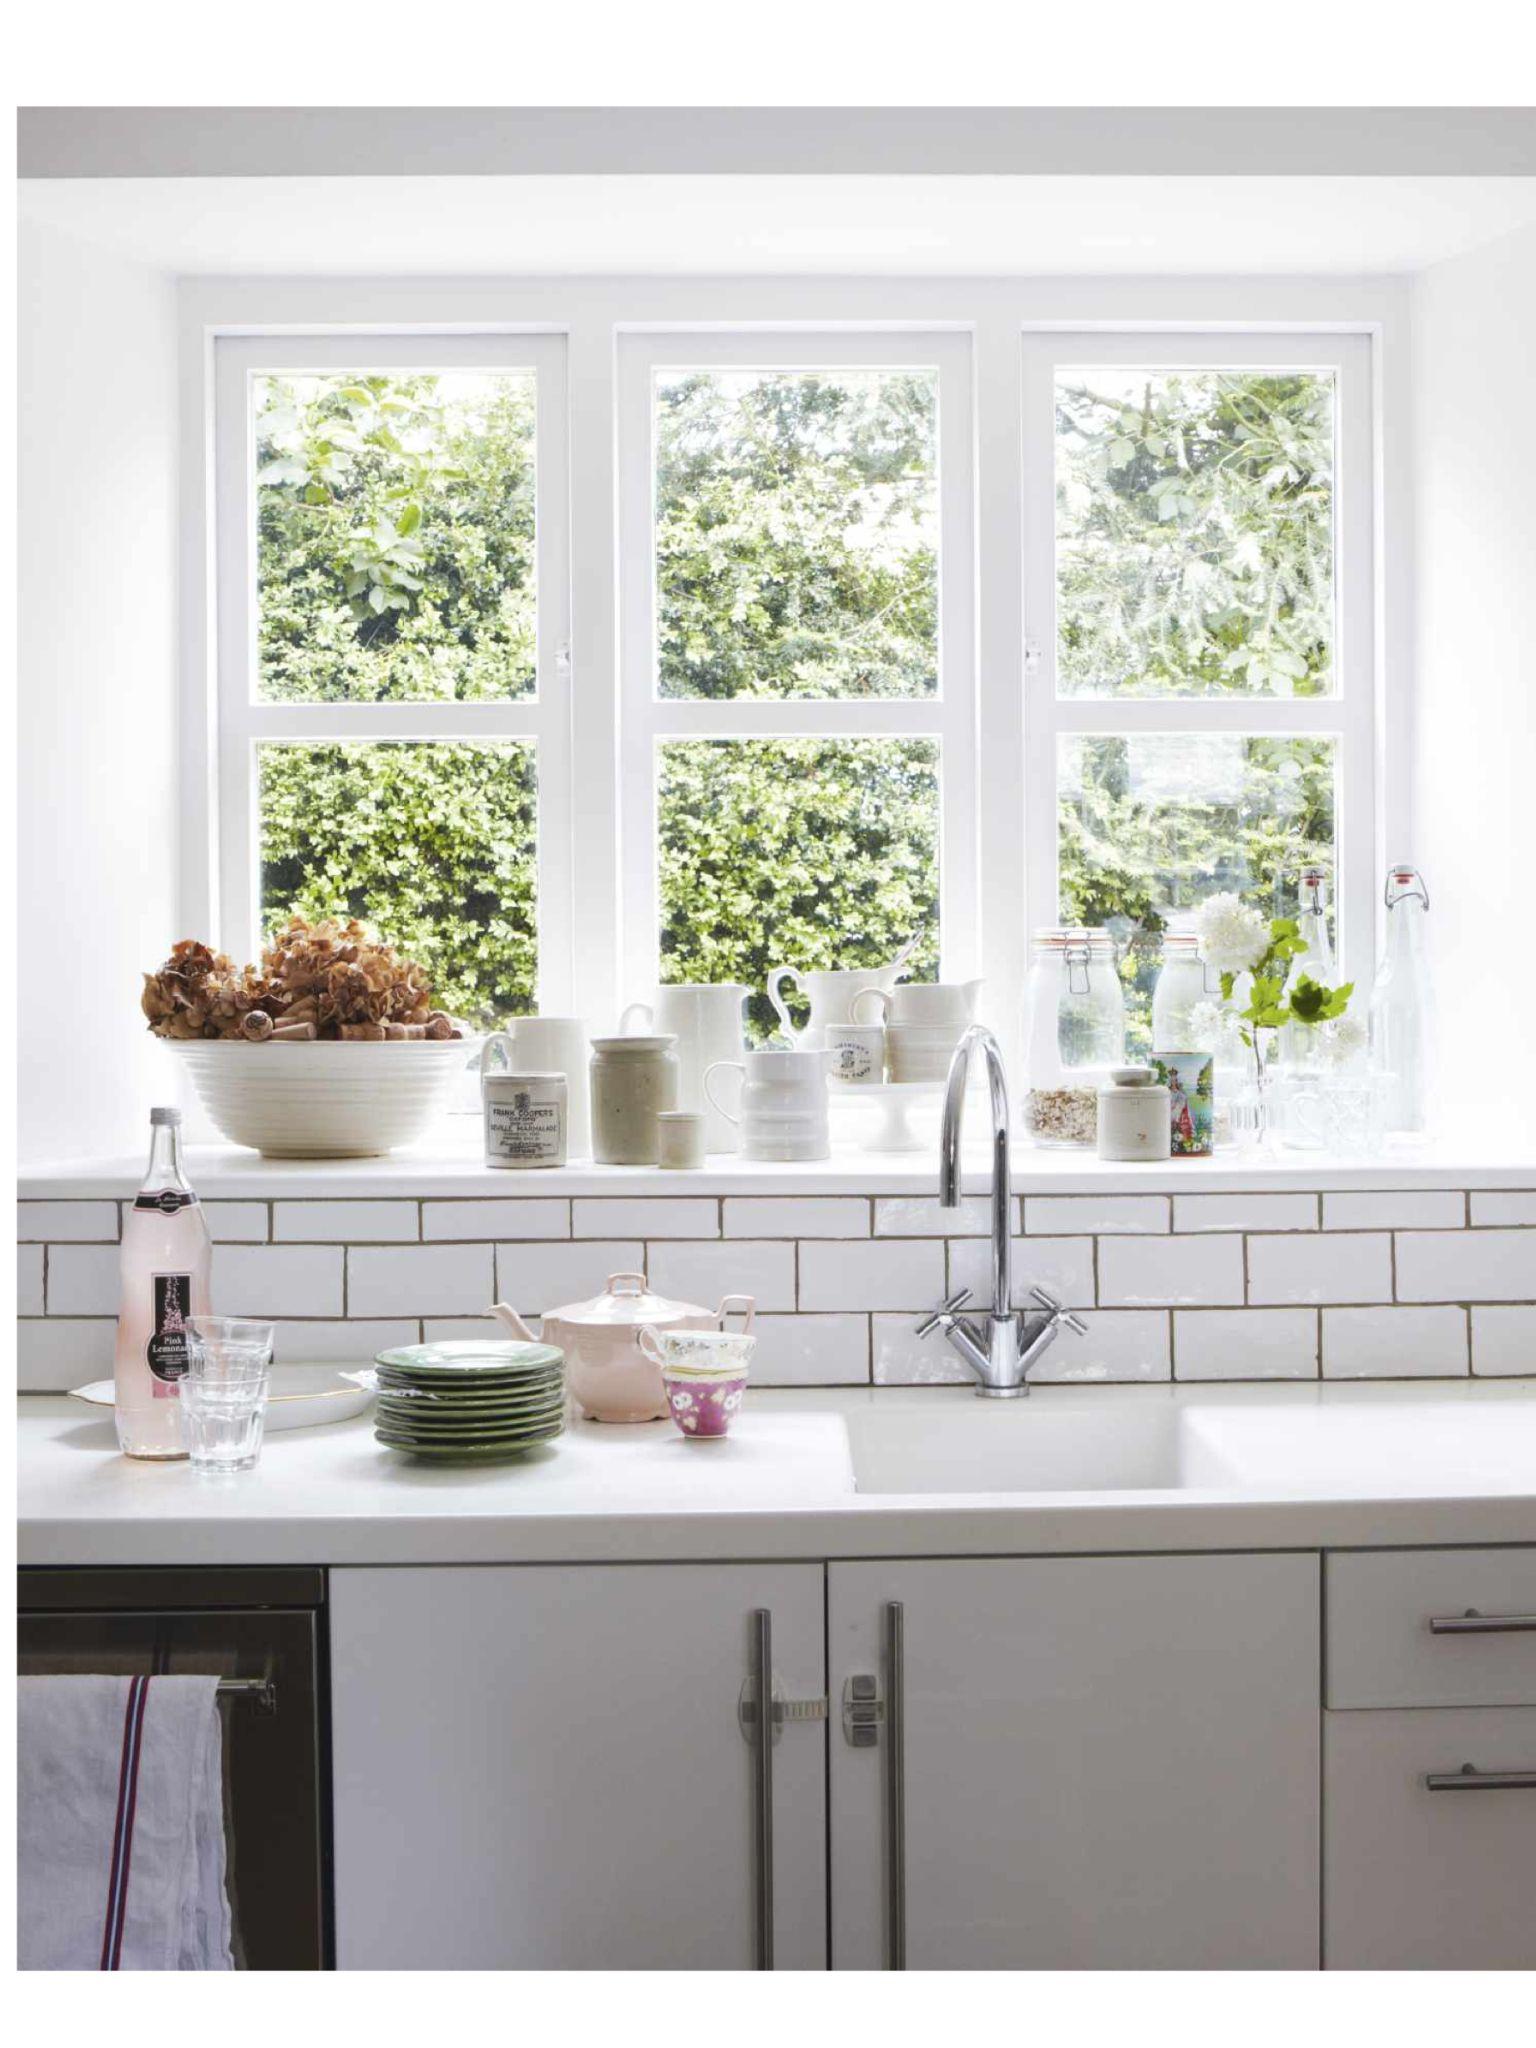 Kitchen sink window crowdbuild for for Window kitchen